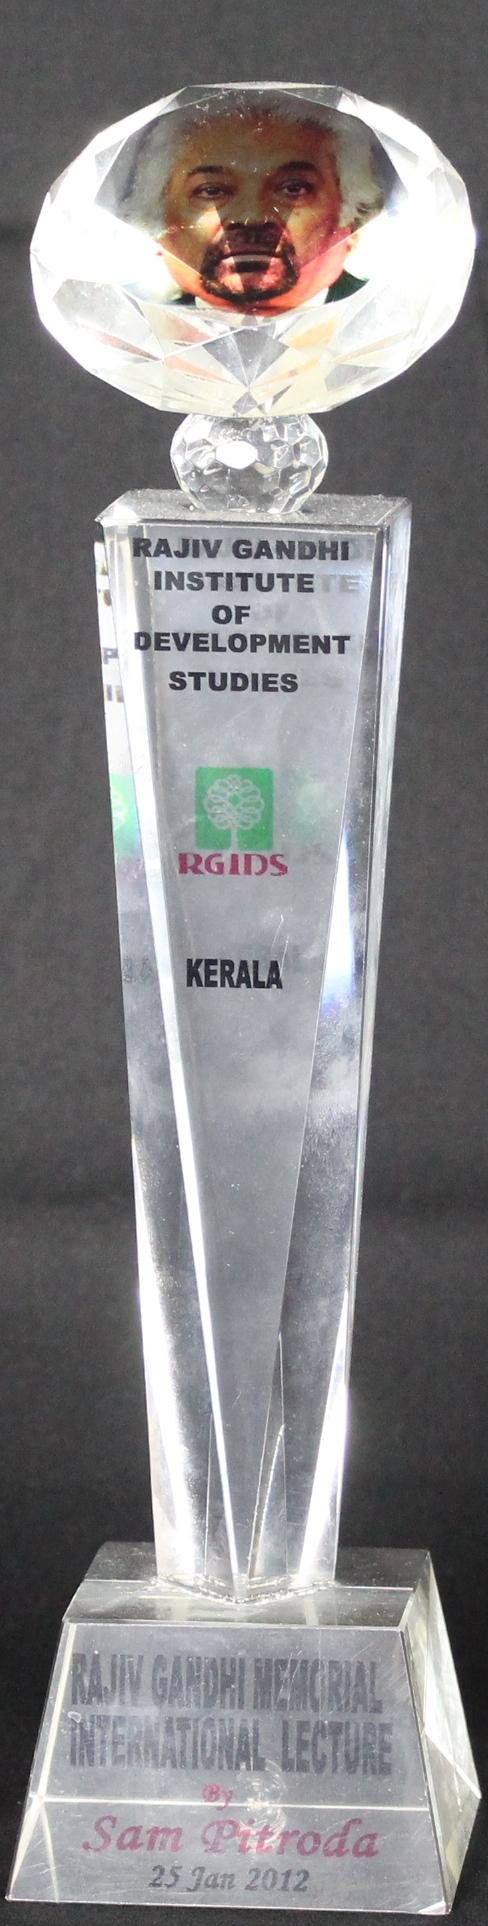 Award of Appreciation for Rajiv Gandhi Memorial International Lecture, Rajiv Gandhi Institute of Development Studies, Kerala, 2012